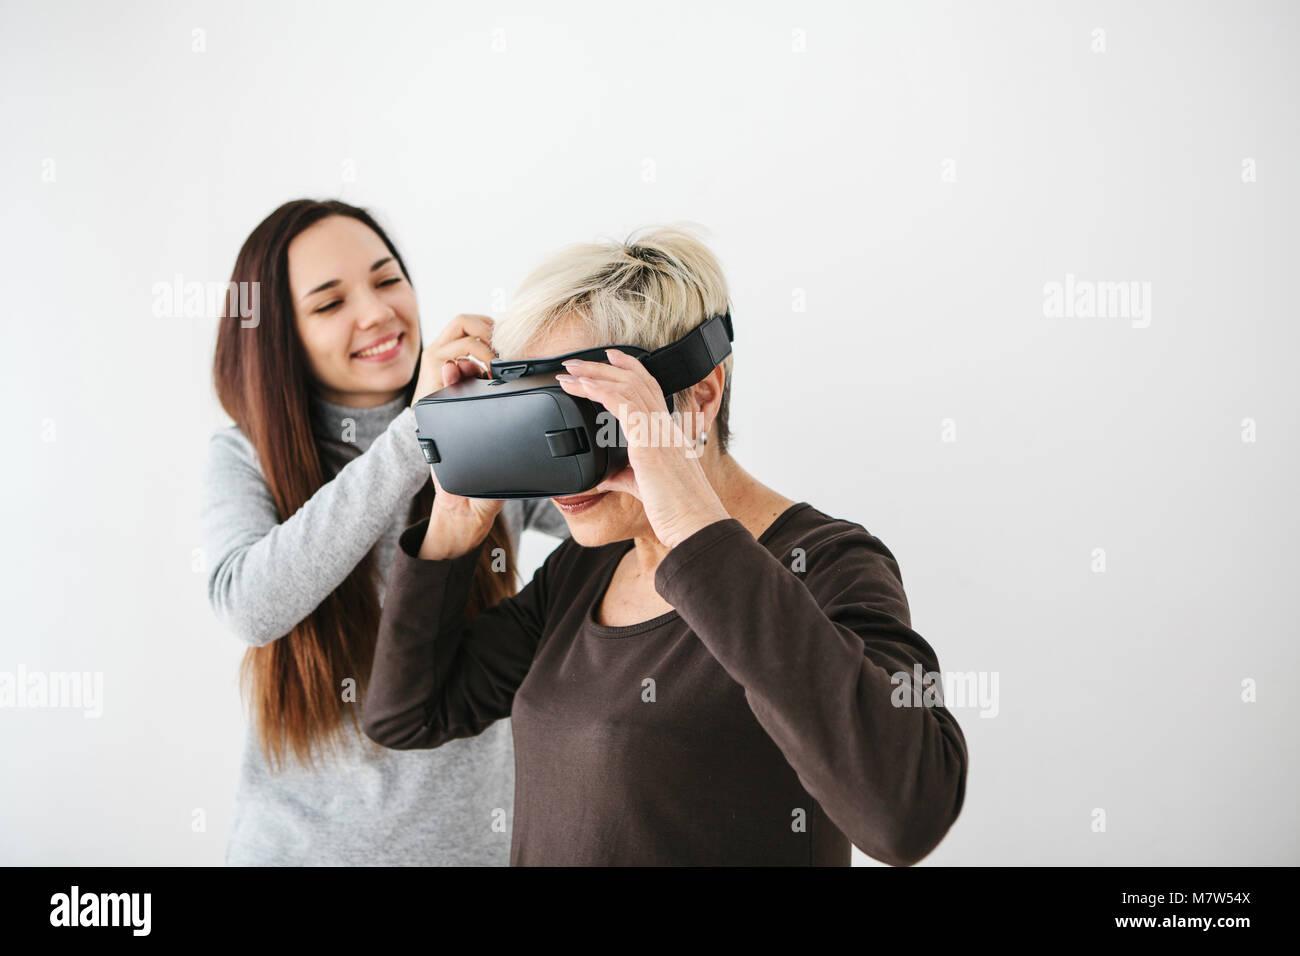 Une jeune fille explique à une femme âgée comment utiliser des lunettes de réalité virtuelle. Photo Stock